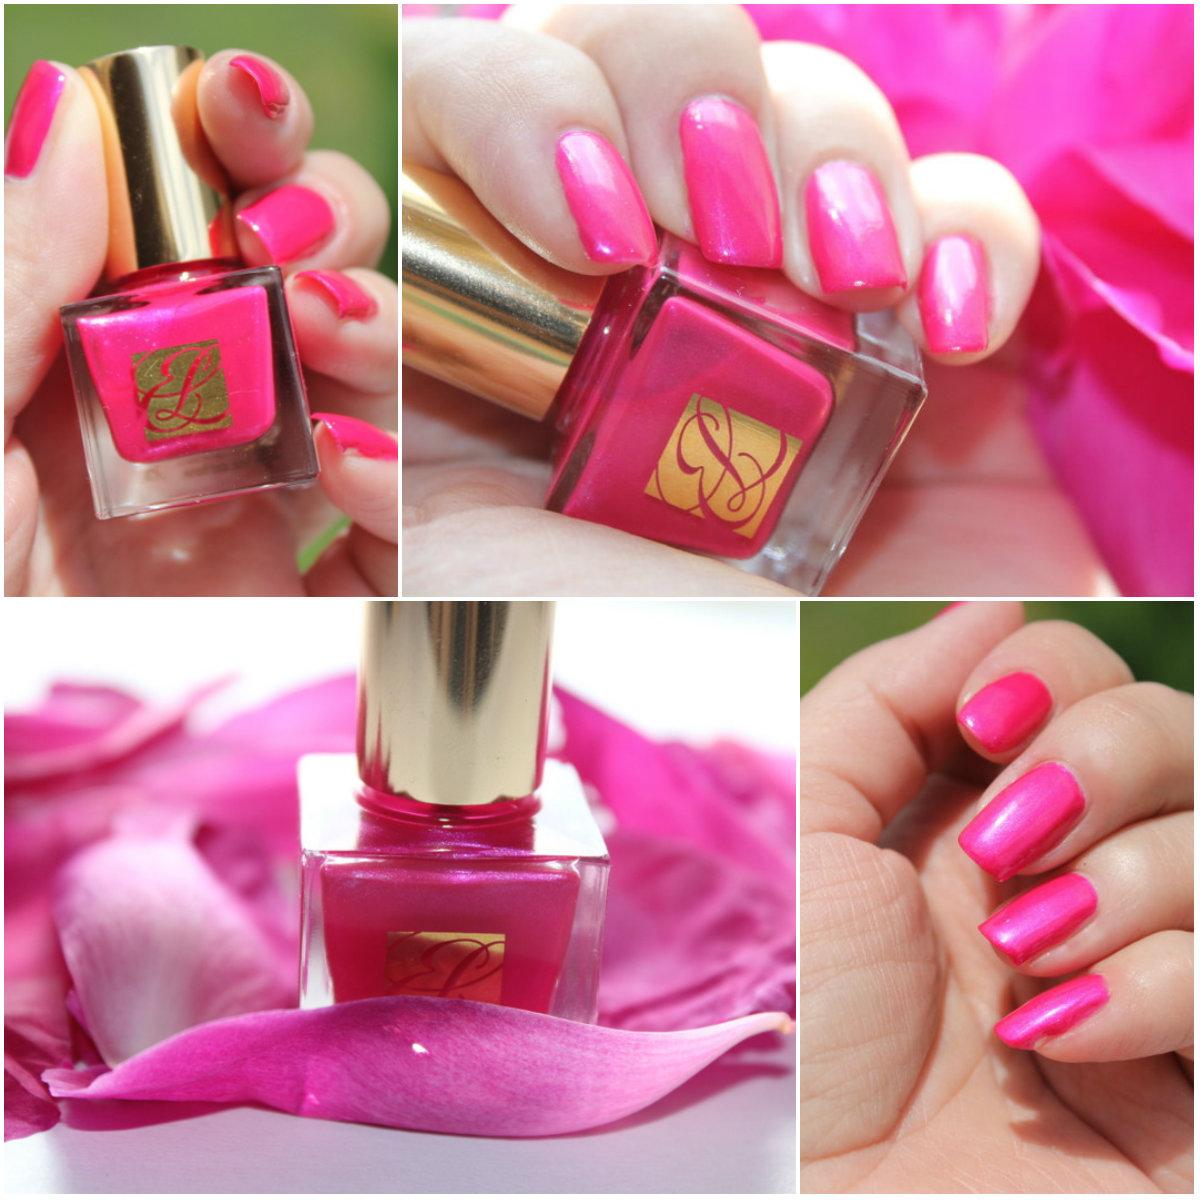 Отзыв: Estee Lauder  Ягодный лак для ногтей Pure Color в оттенке #06 Berry Hot.